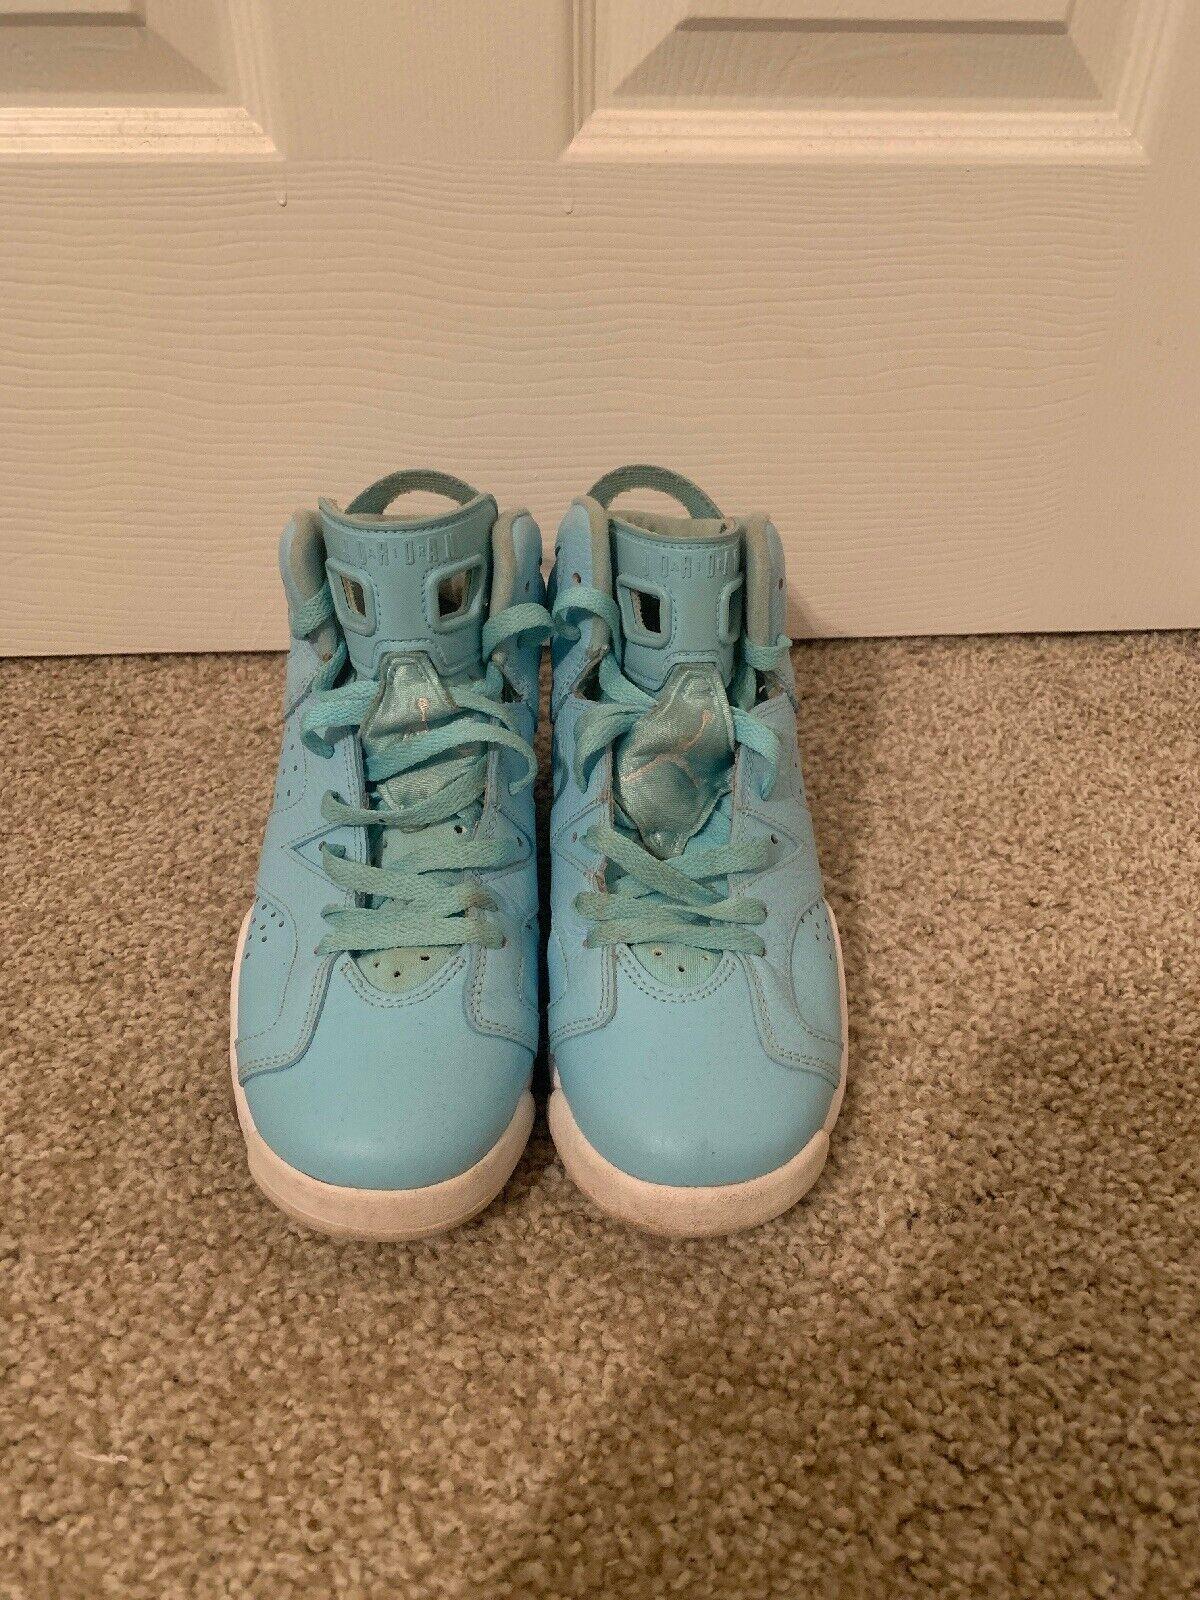 Air Jordan 6 Retro Easter Size 7